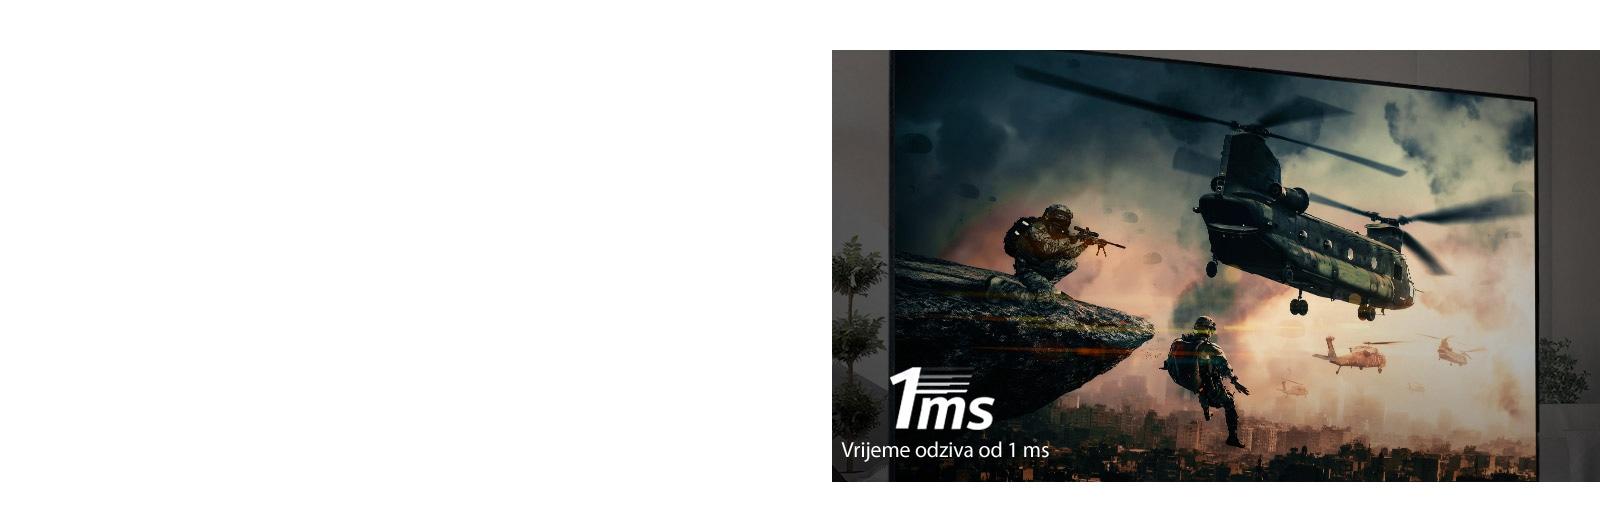 TV zaslon prikazuje bojno igro z oboroženimi vojaki in helikopterji, ki letijo po nebu.